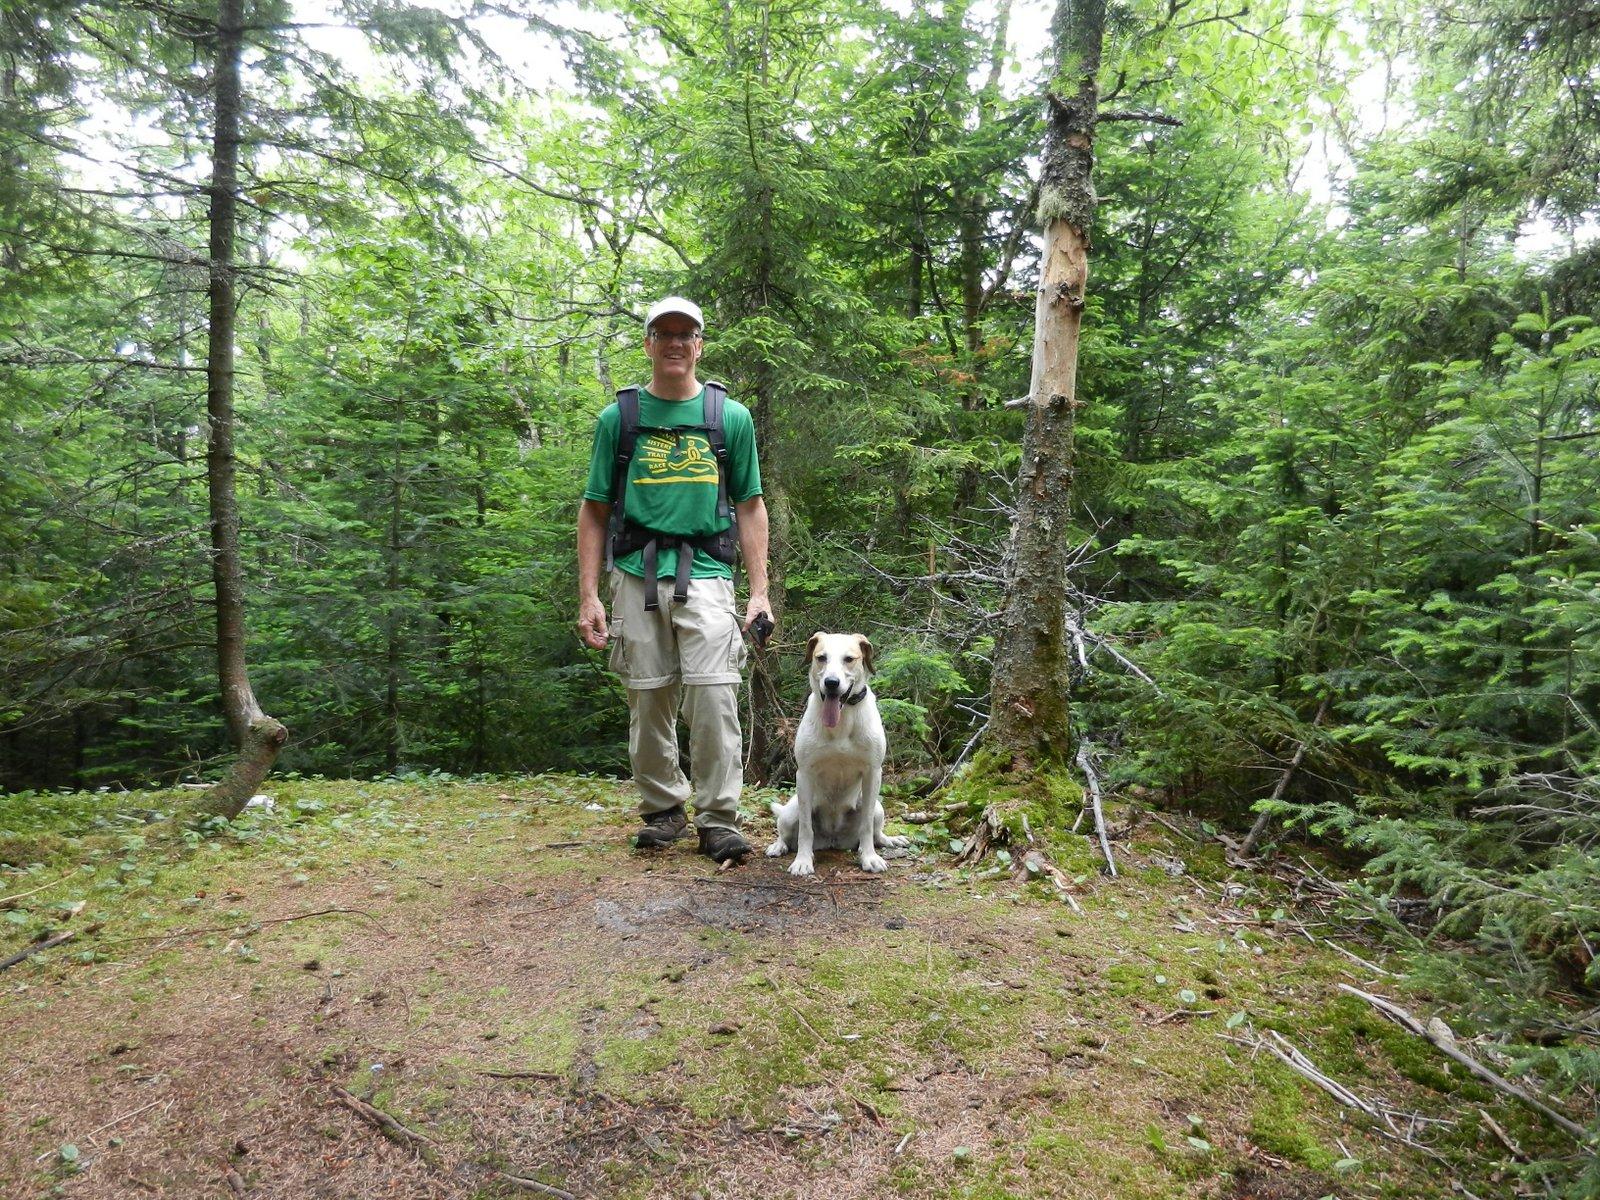 Off on Adventure: Scarface Mountain & Baker Mountain - 6/23/12